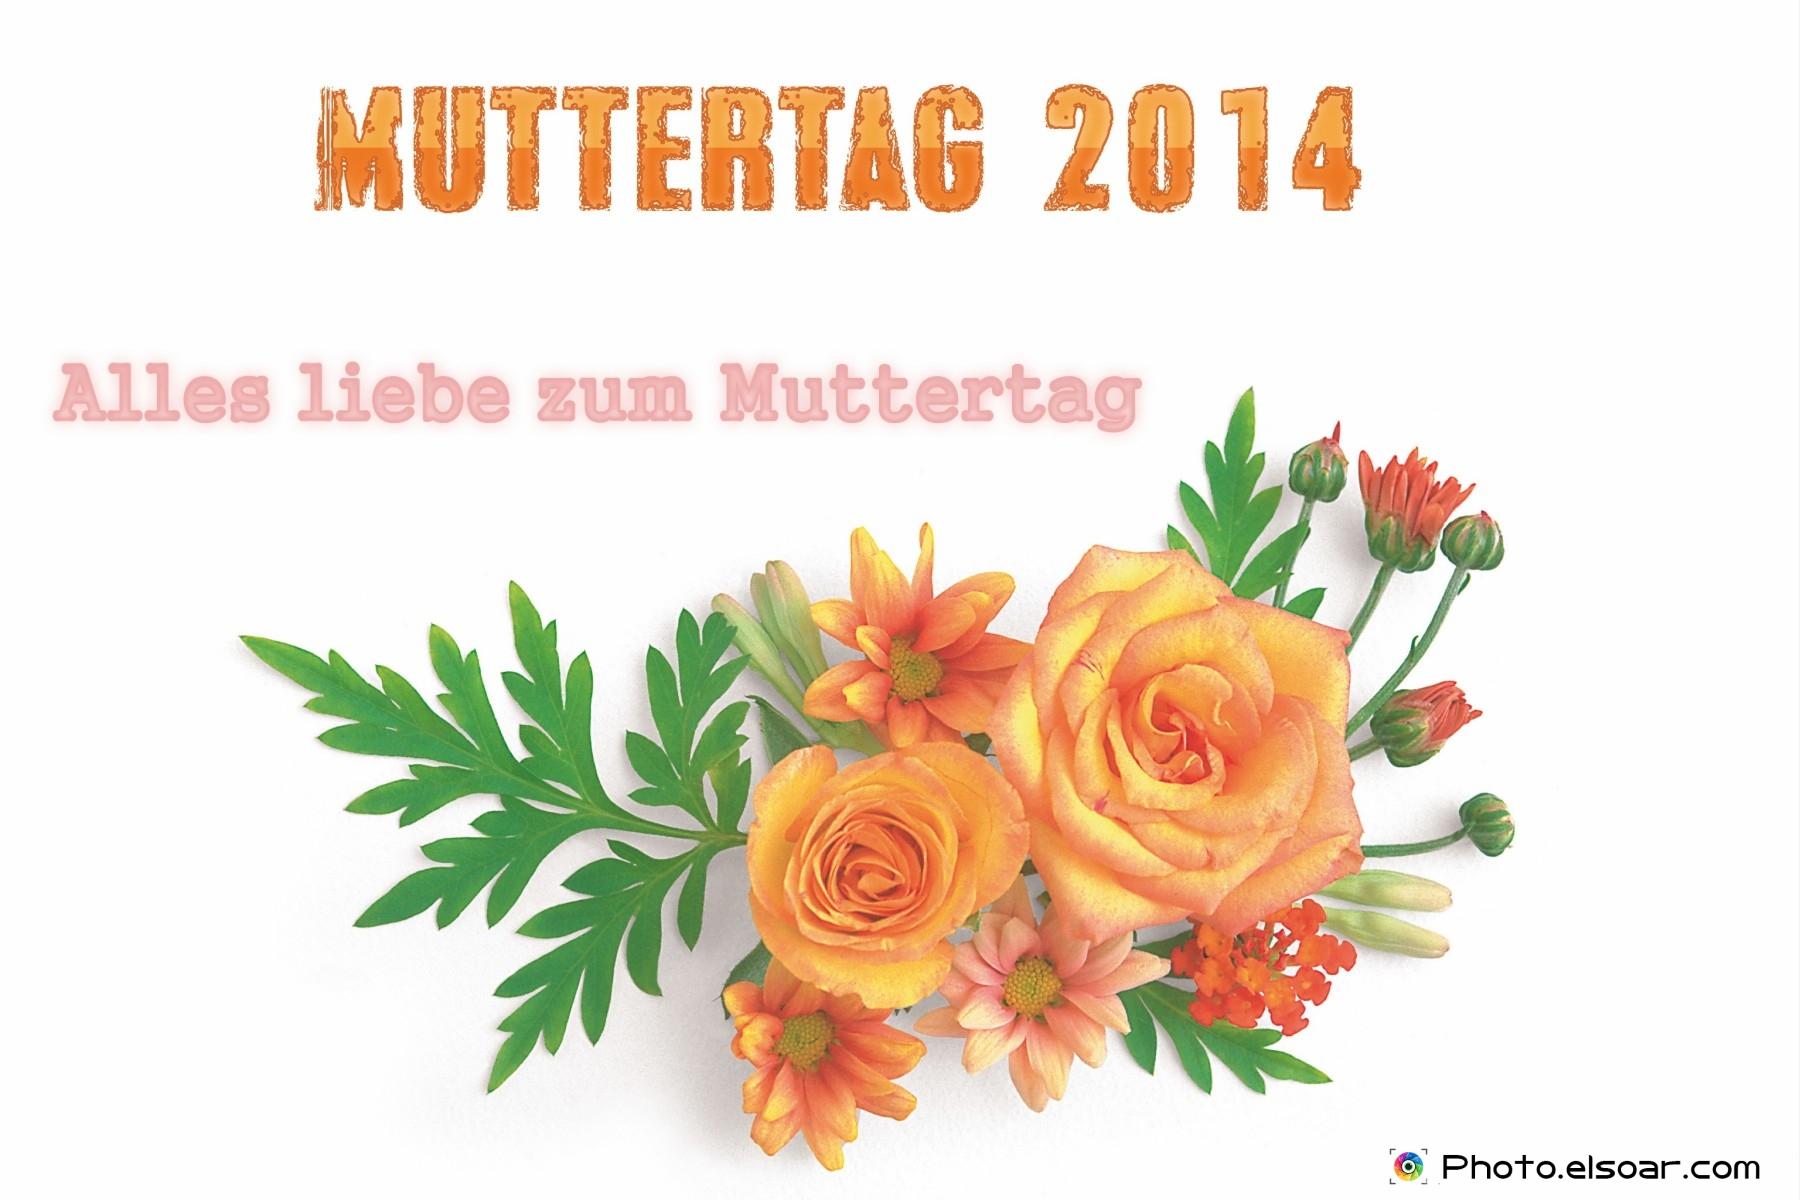 Muttertag 2014 alles liebe zum muttertag